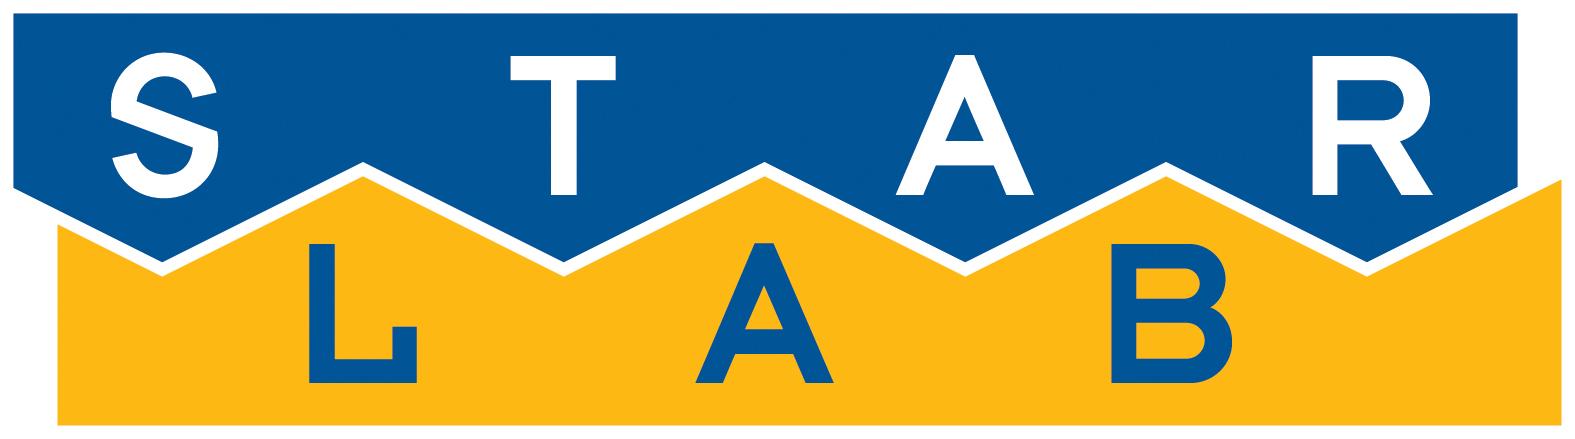 Starlab_Logo.jpg